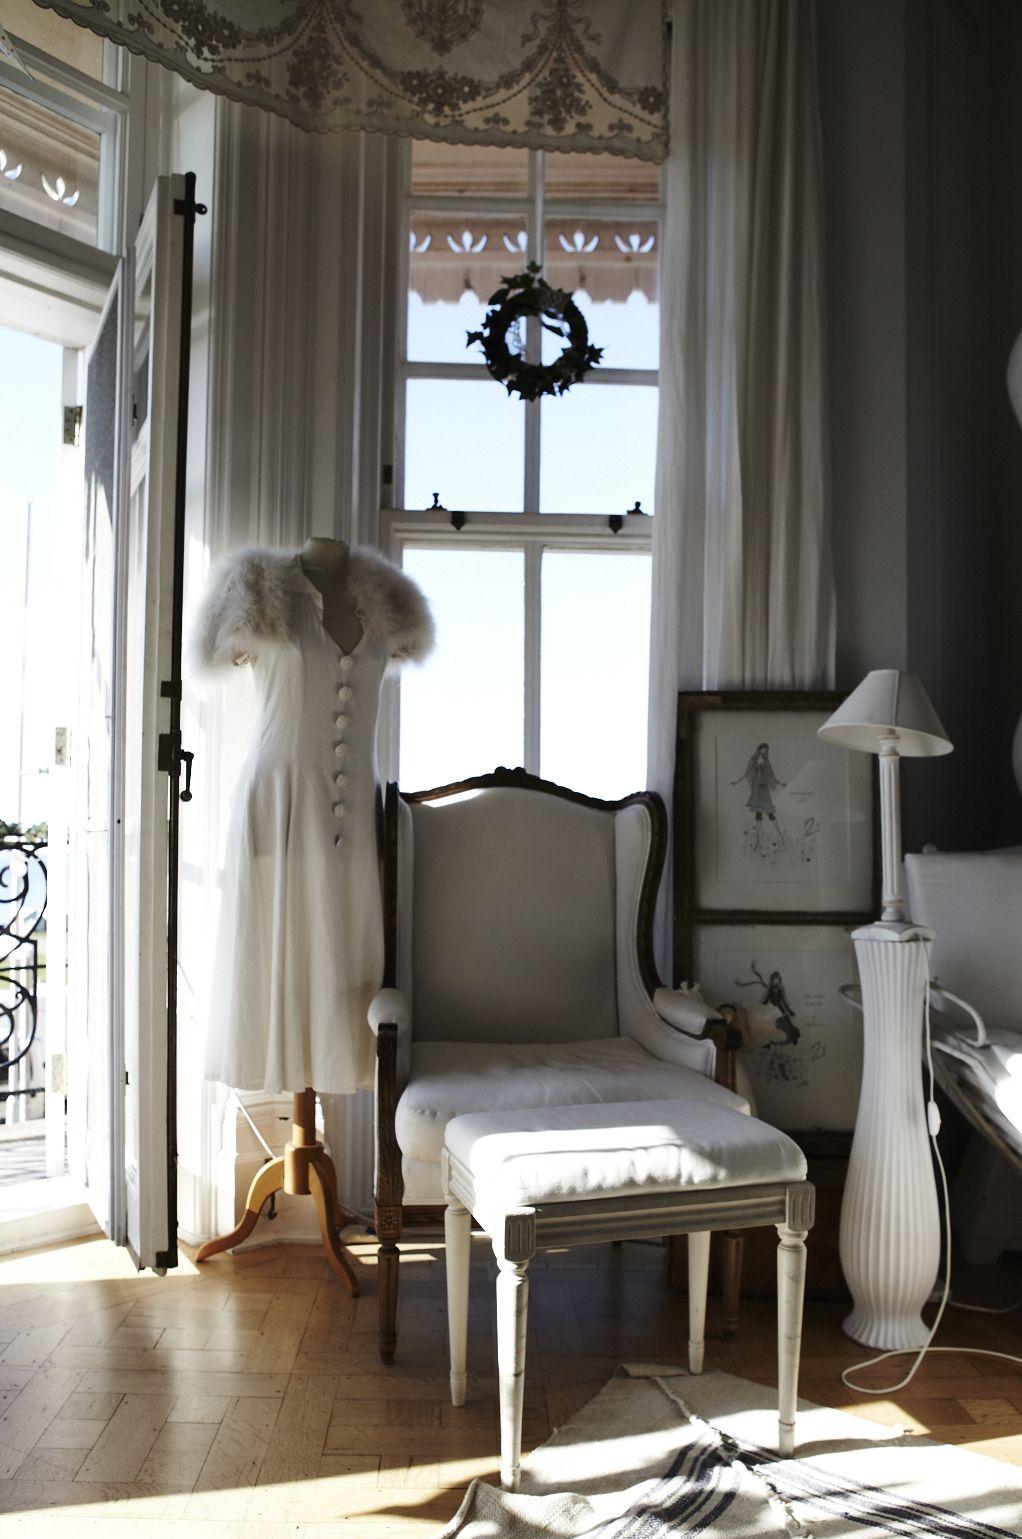 Keltainen talo rannalla Valkoinen ja romanttinen koti